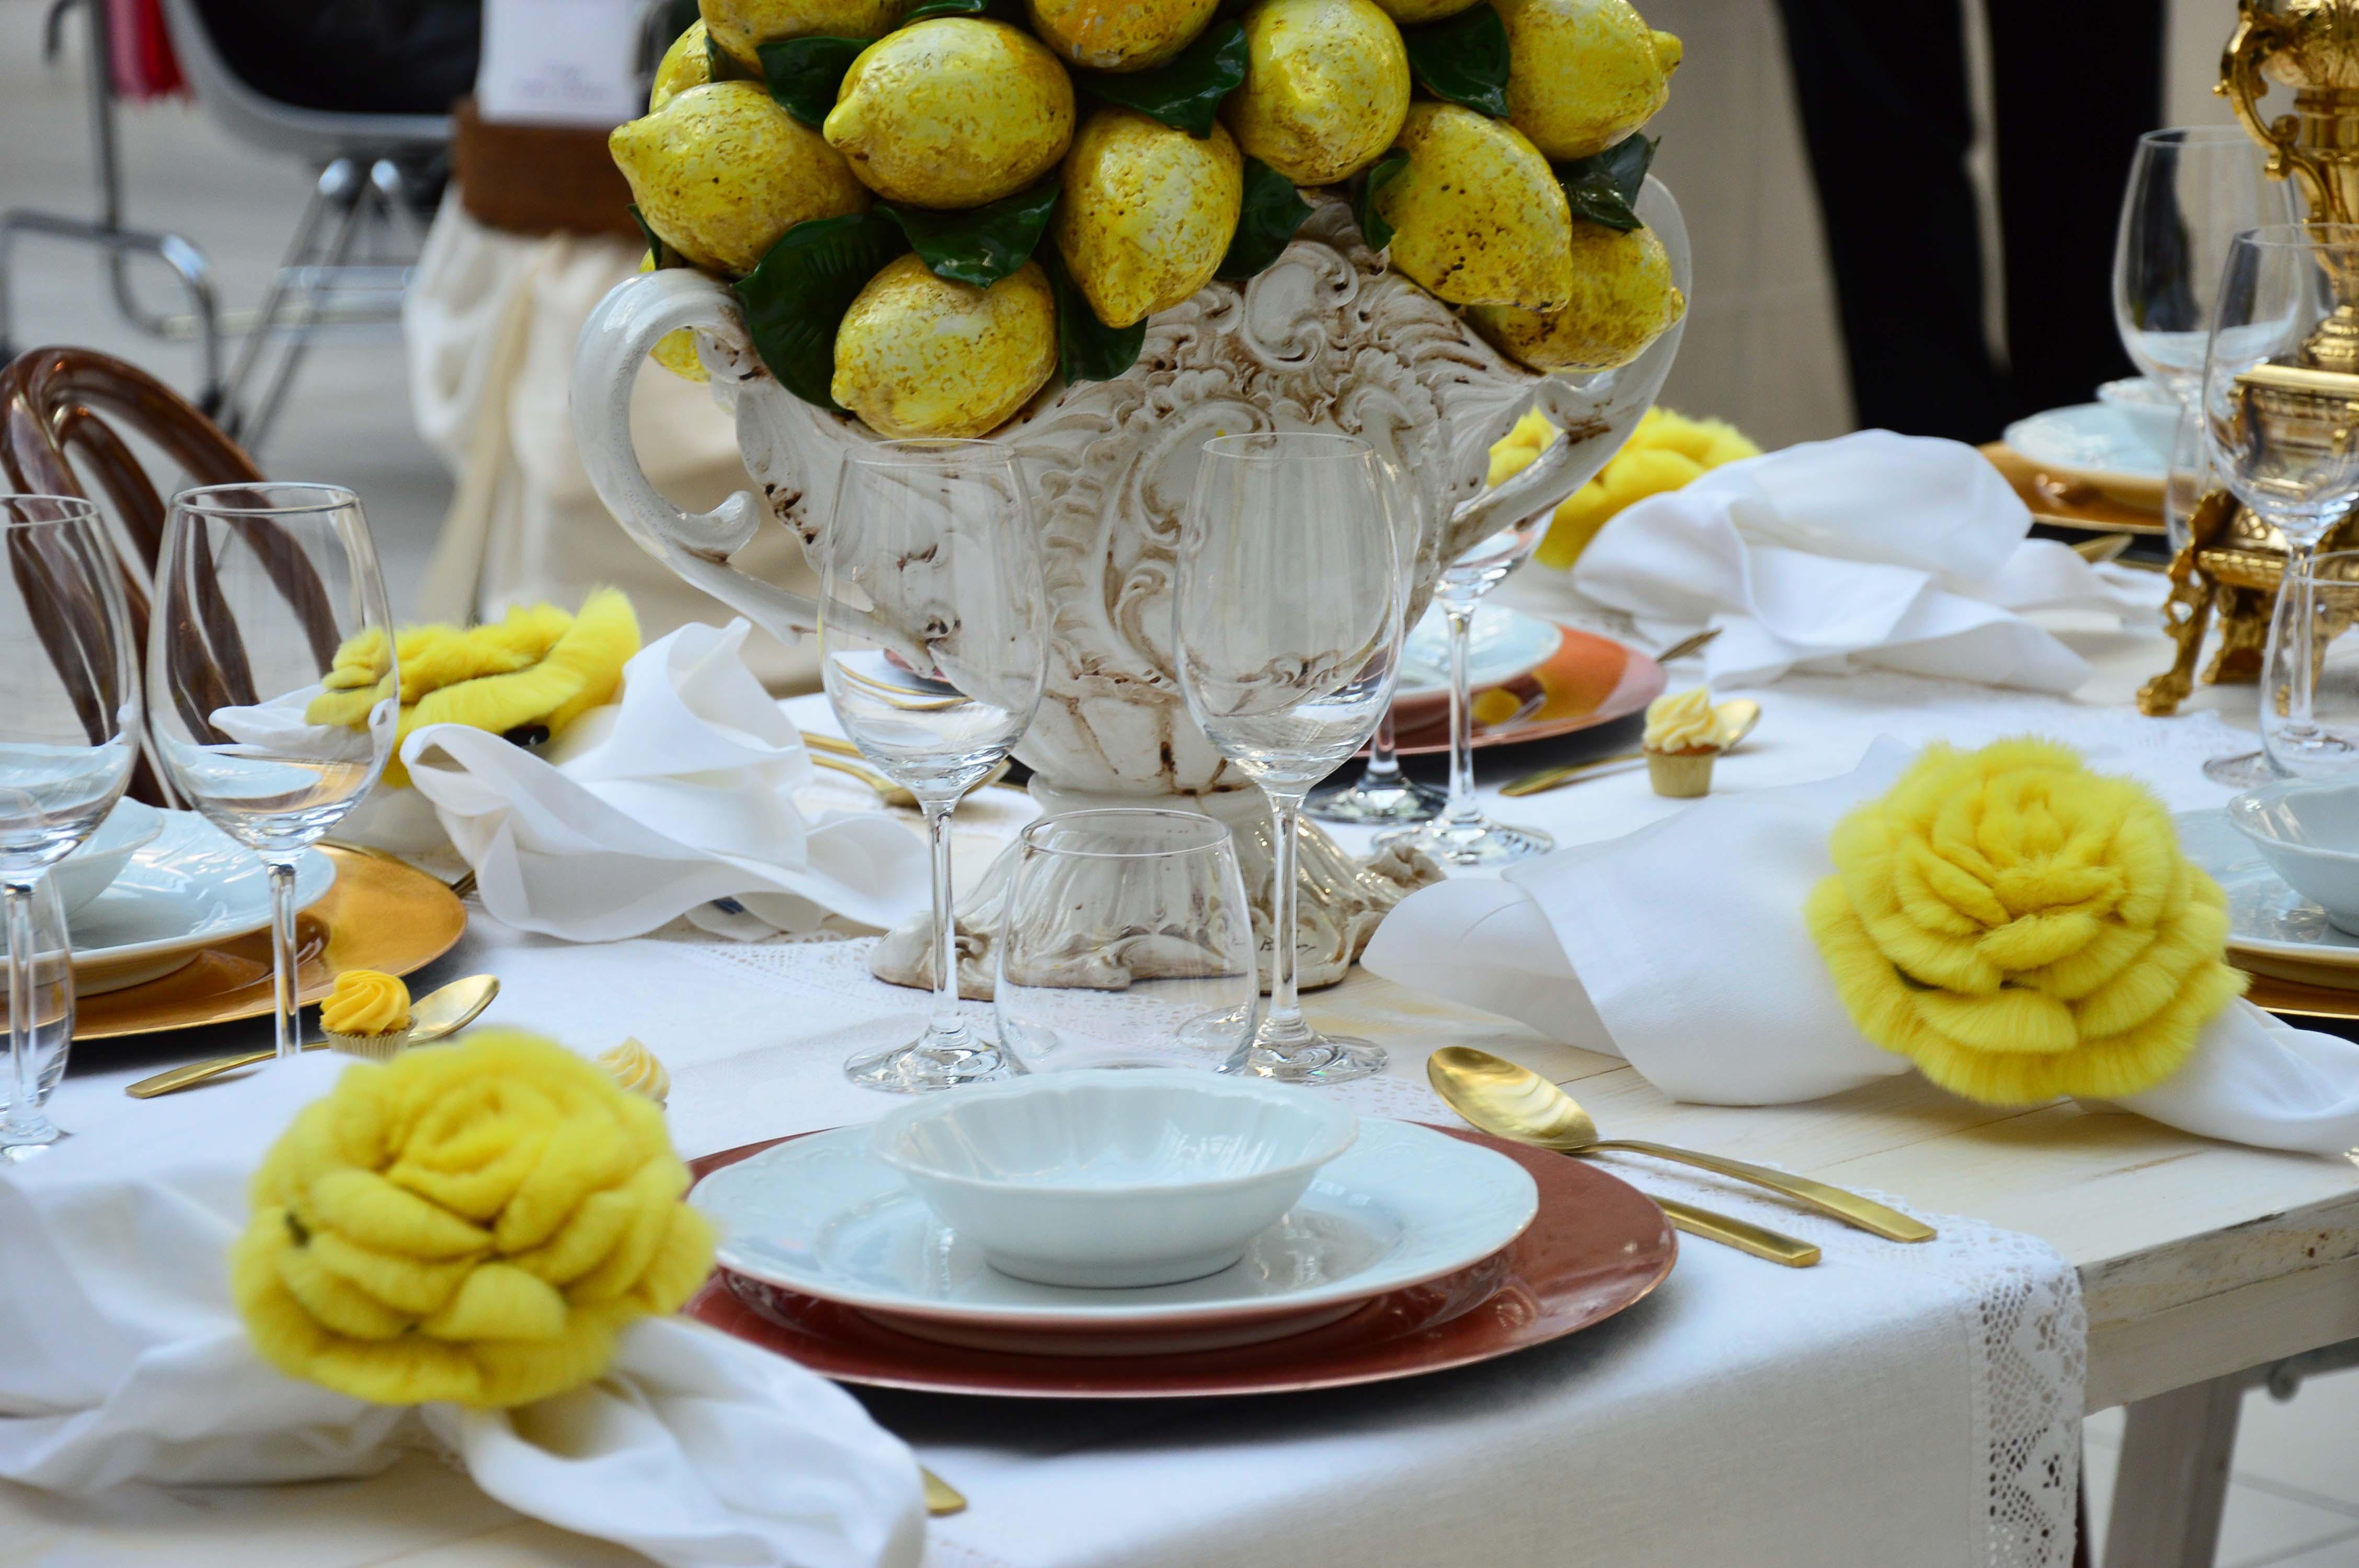 Arredare Tavola Natale come apparecchiare la tavola a natale: idee glamour and chic